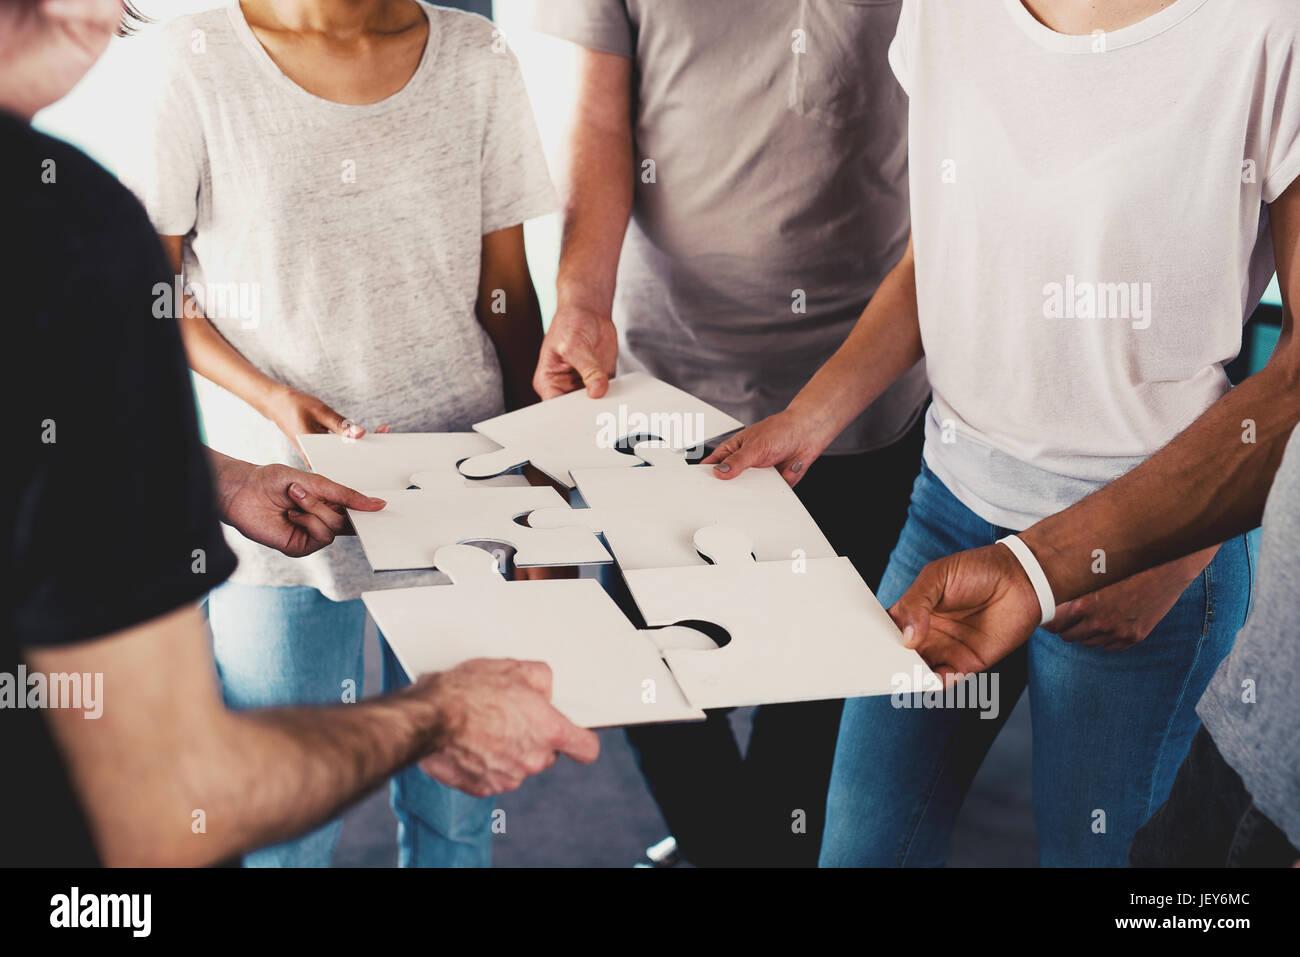 Equipo de jóvenes empresarios combinar piezas de puzzle. Concepto de integración y colaboración Imagen De Stock